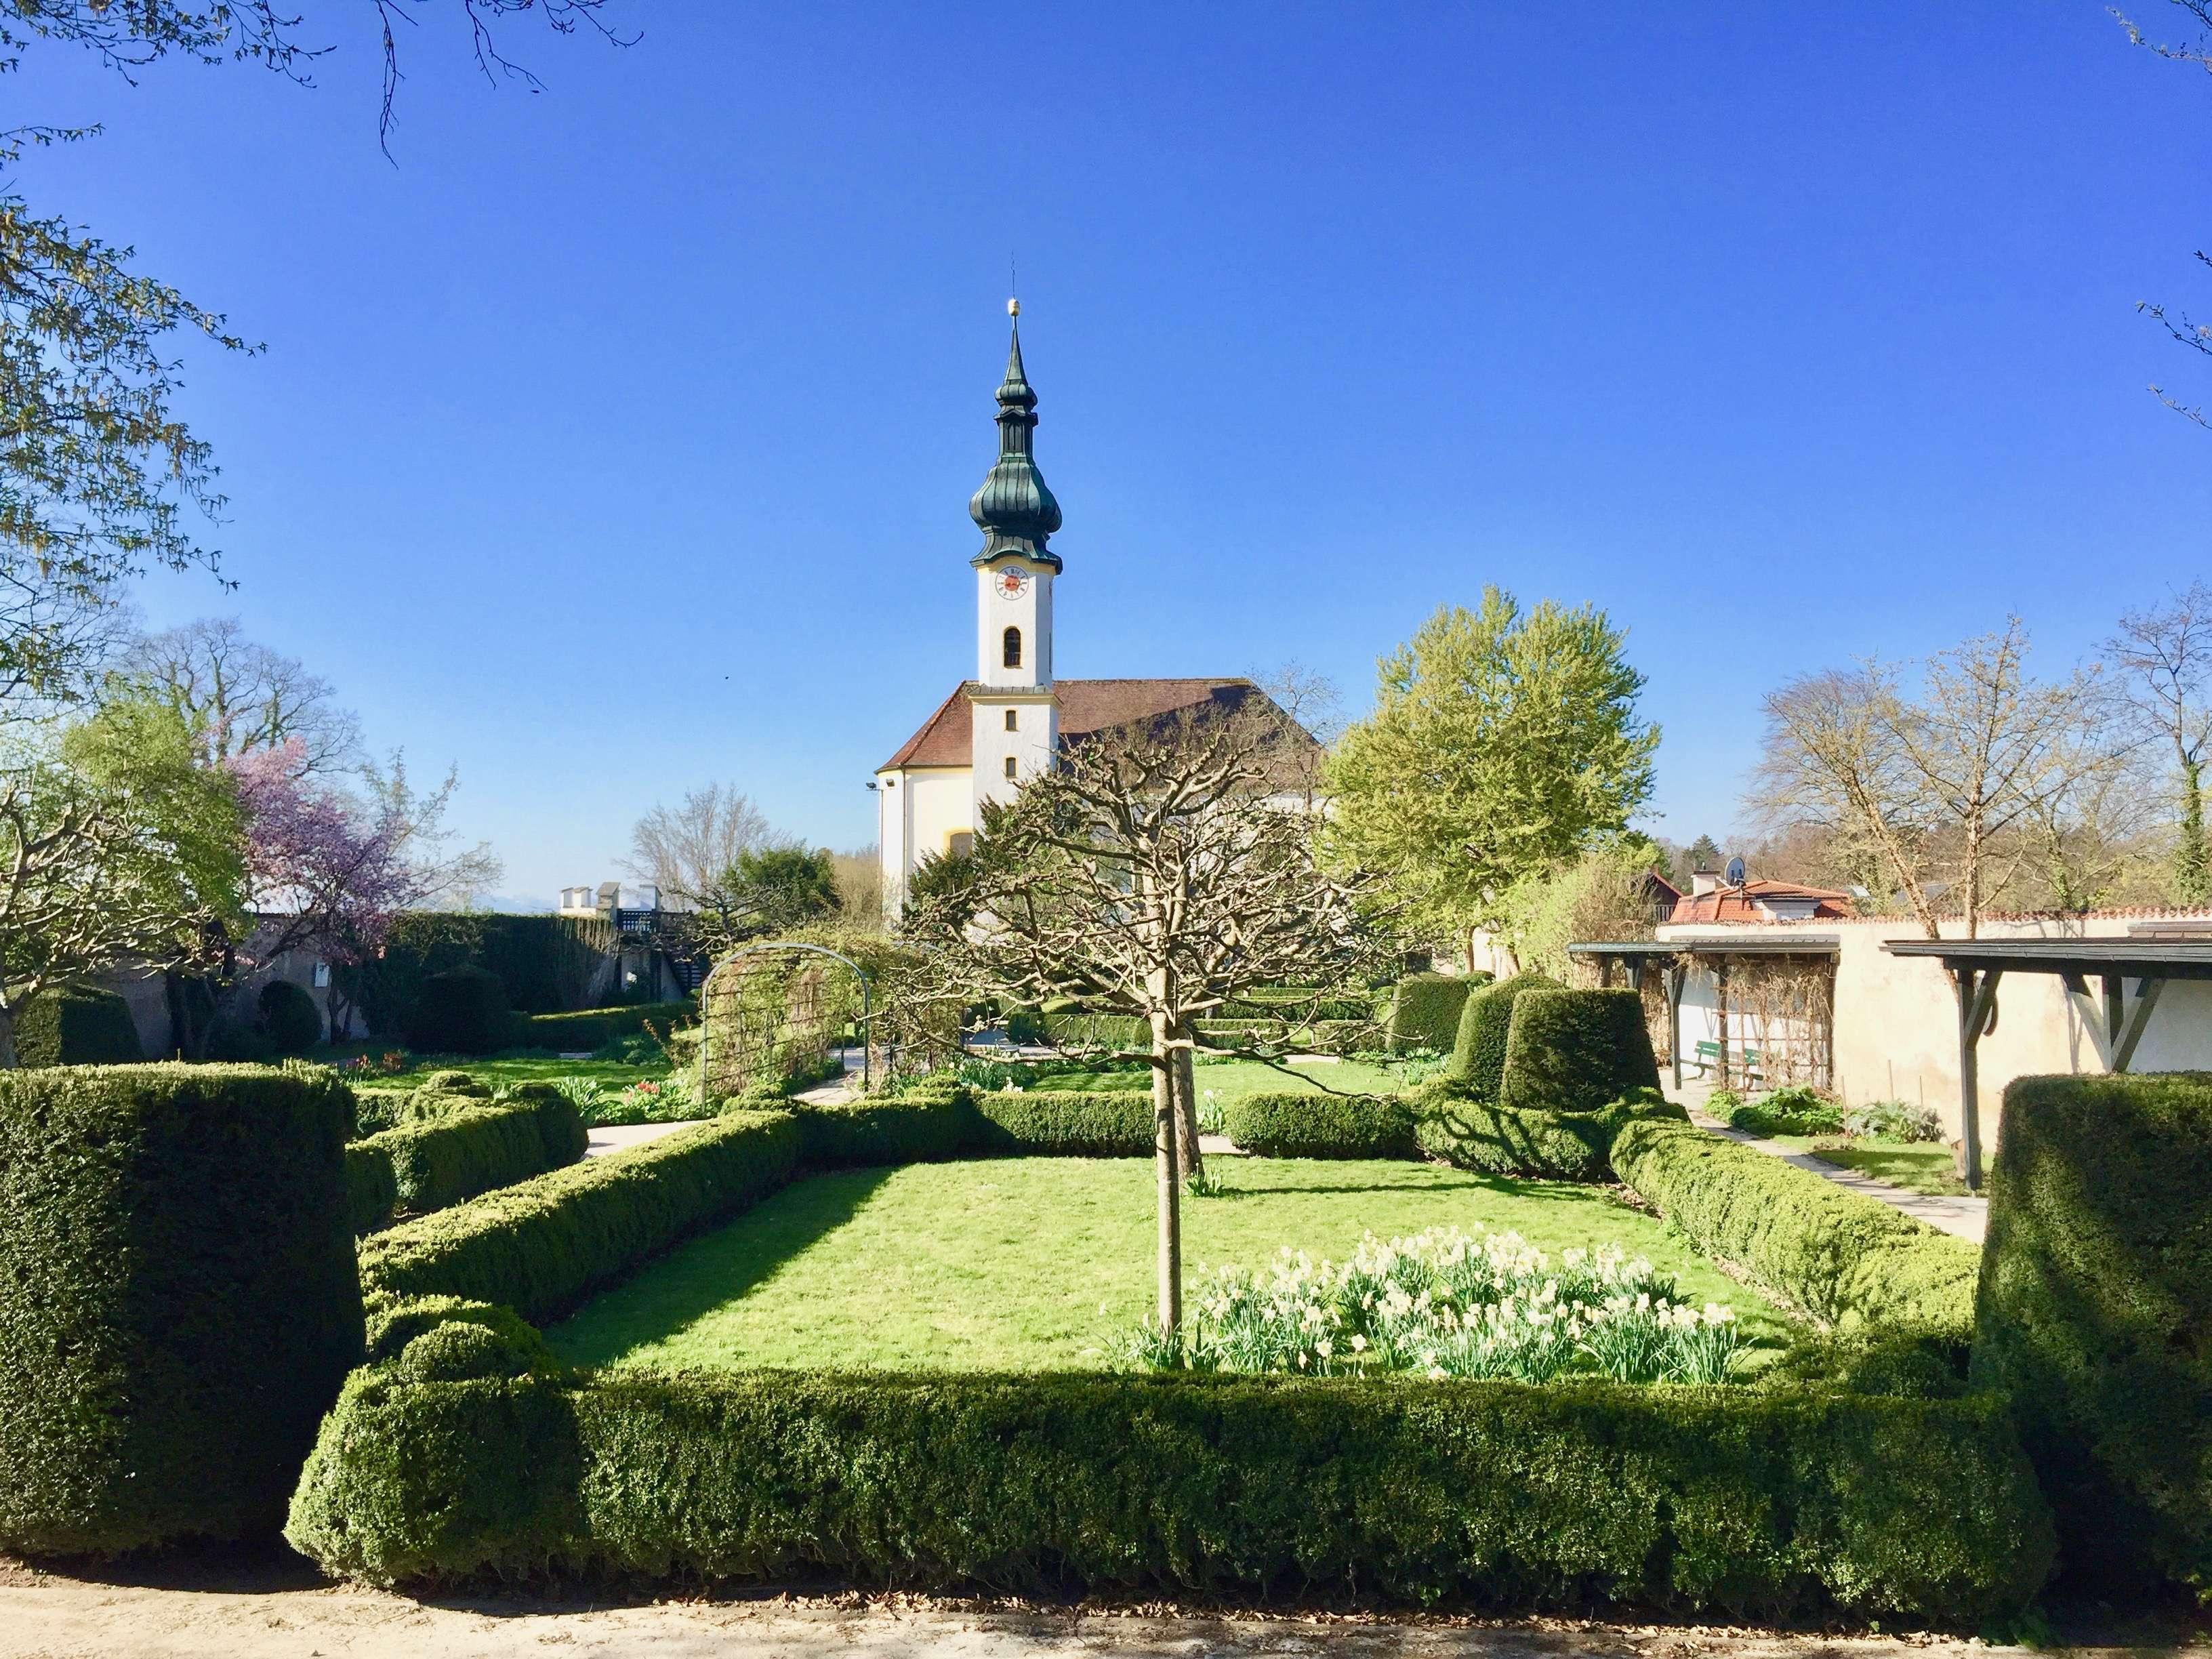 3 Zimmer-Wohnung zentral in Starnberg in wunderschöner ruhiger verkehrsgünstiger Lage